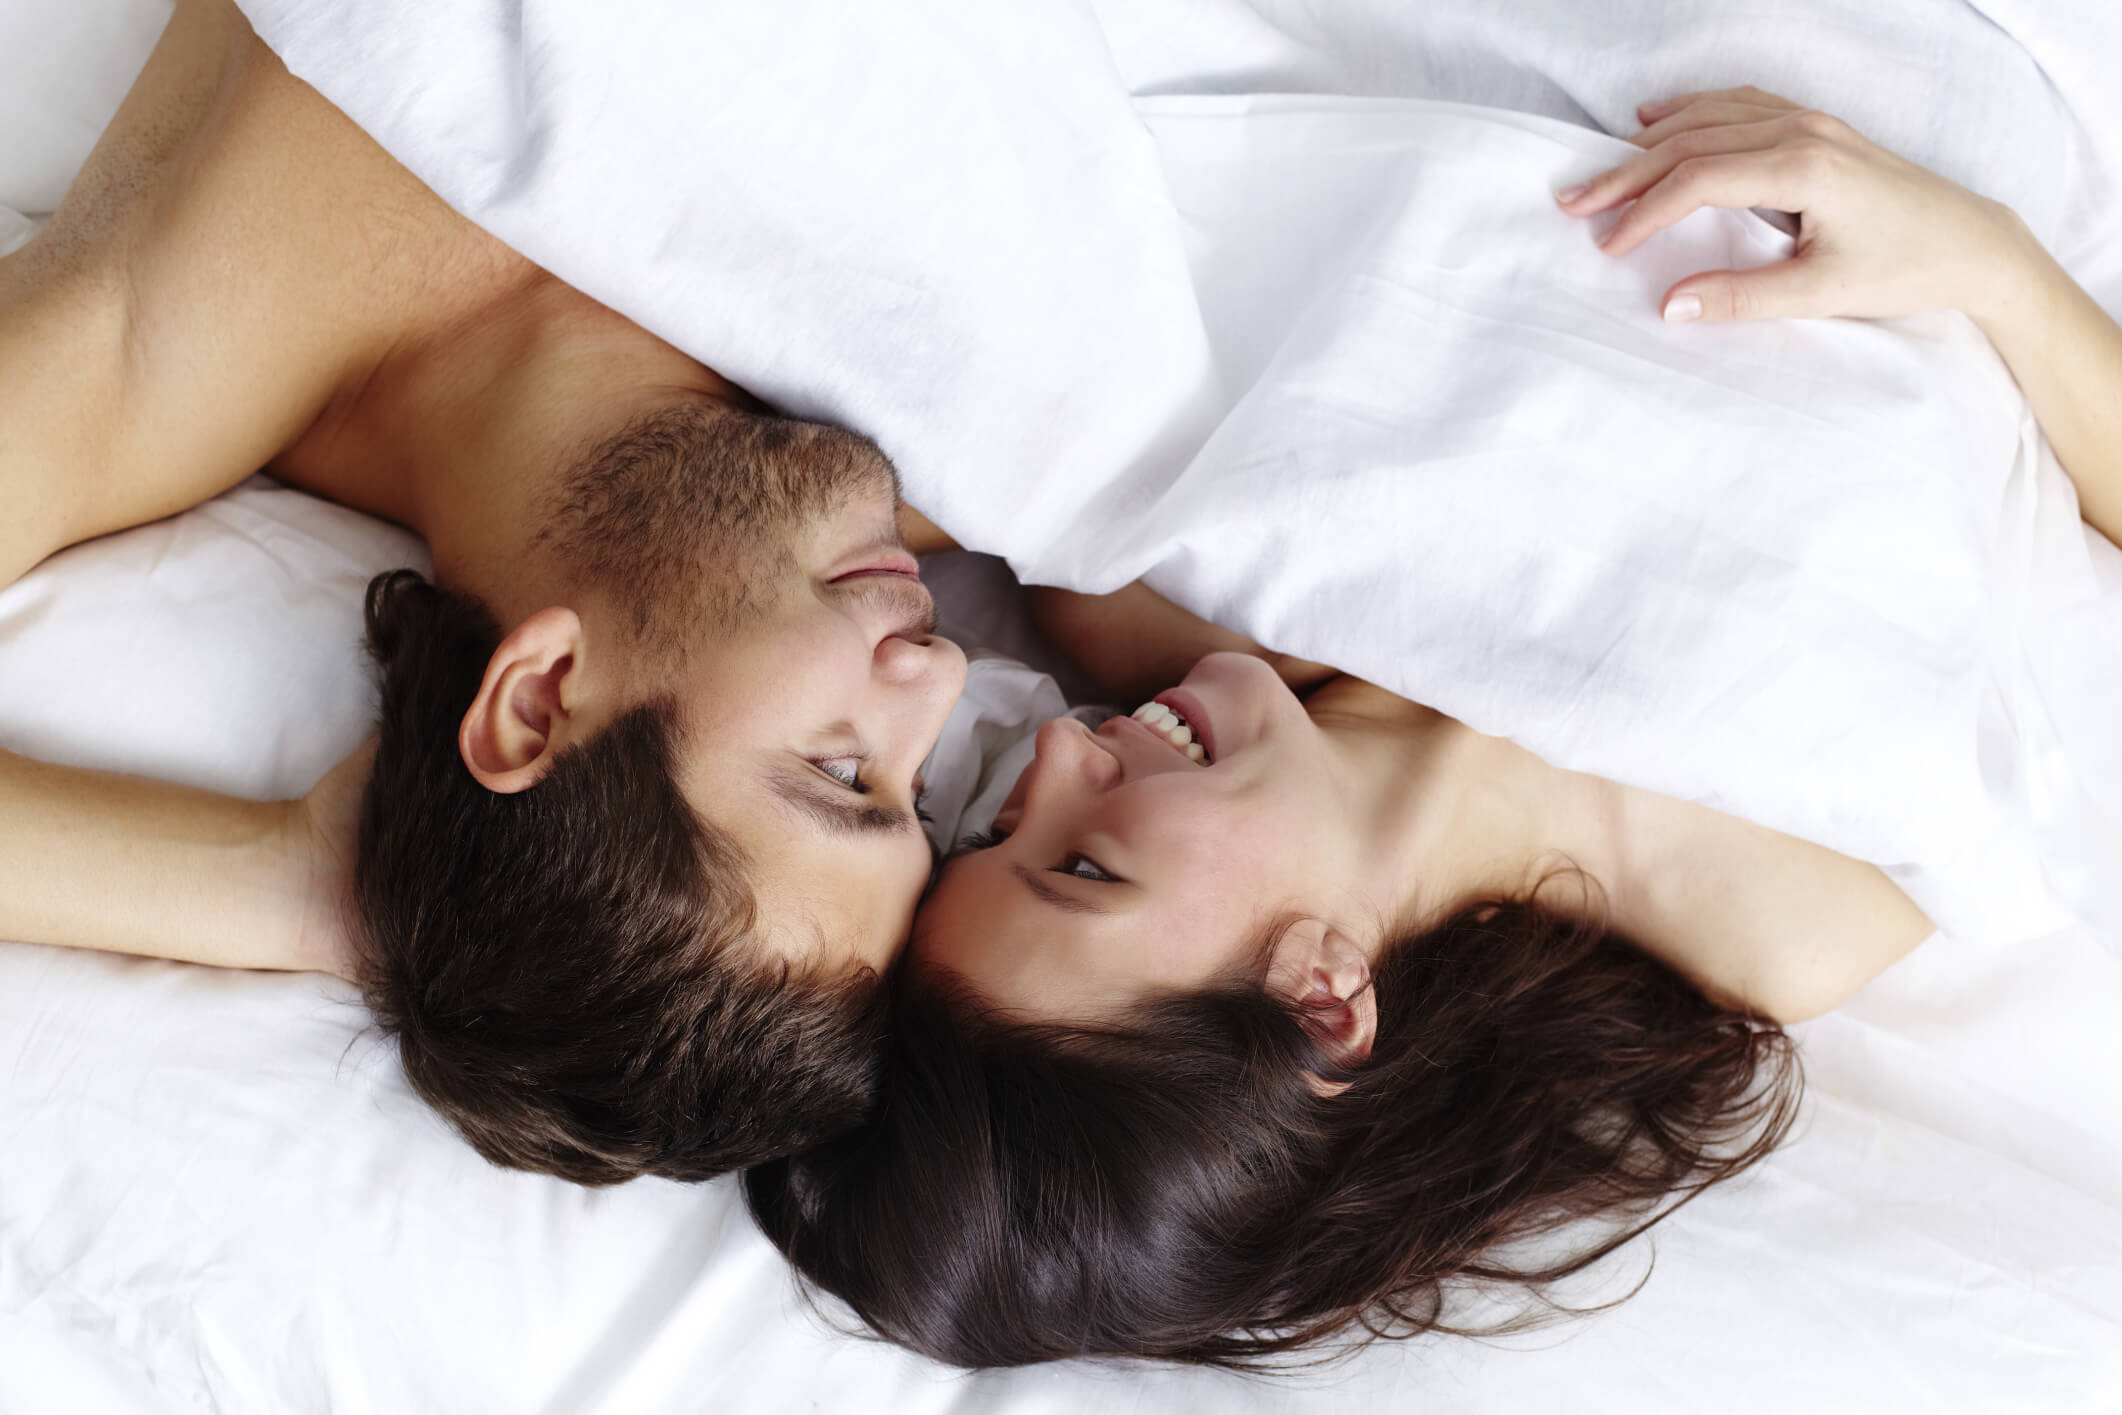 Фото пары в кровати, Фото Влюбленная пара целуется, лежа в кровати под 16 фотография